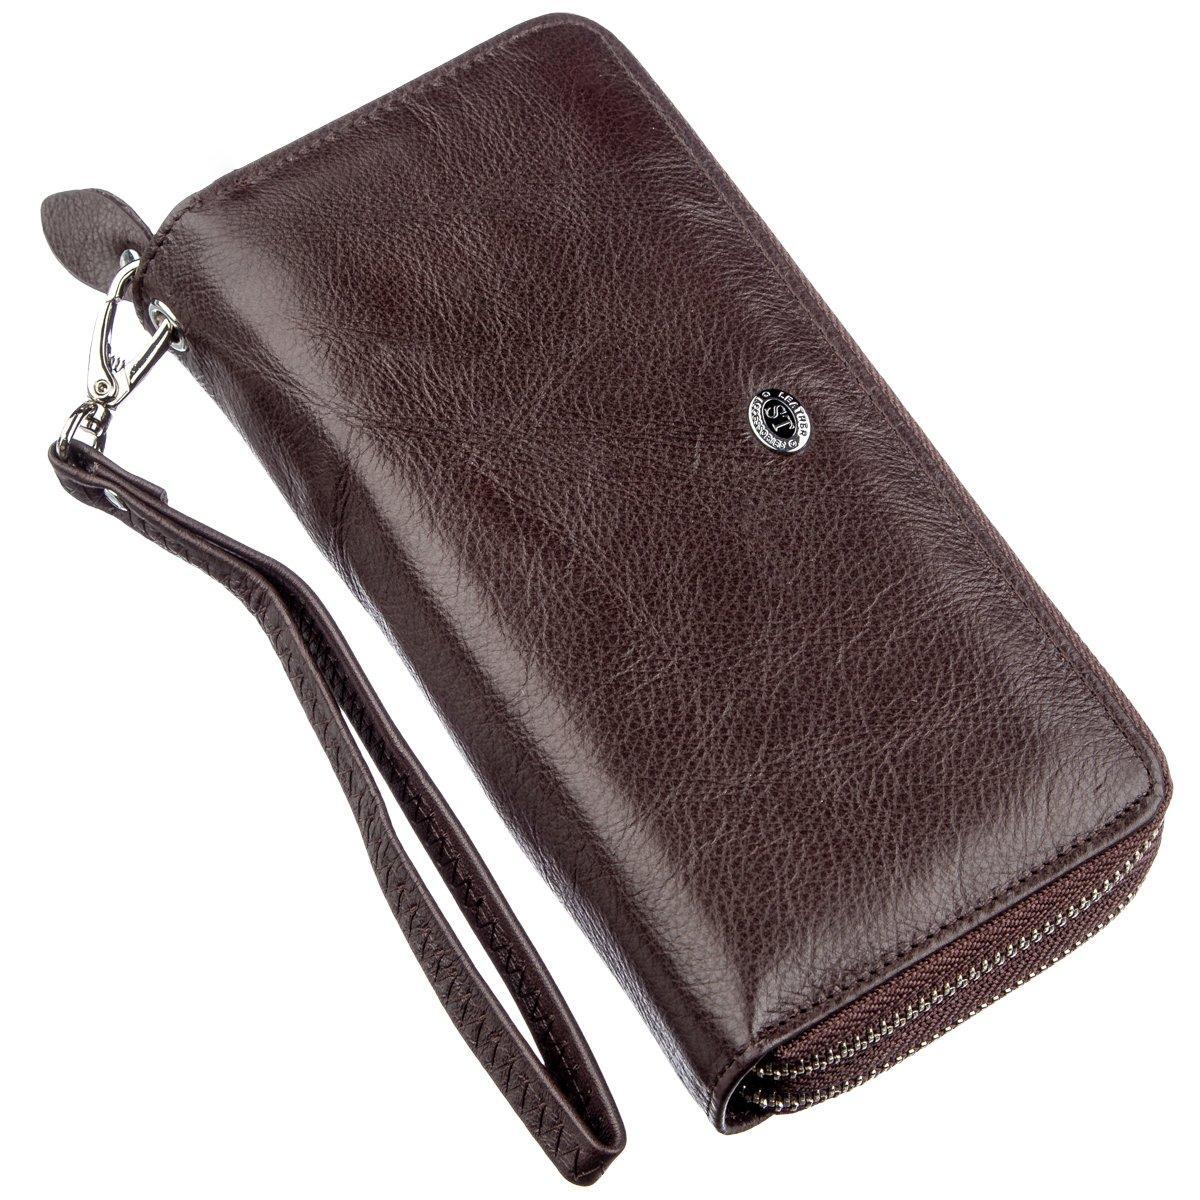 Женский клатч с ремешком на запястье ST Leather 18855 Коричневый